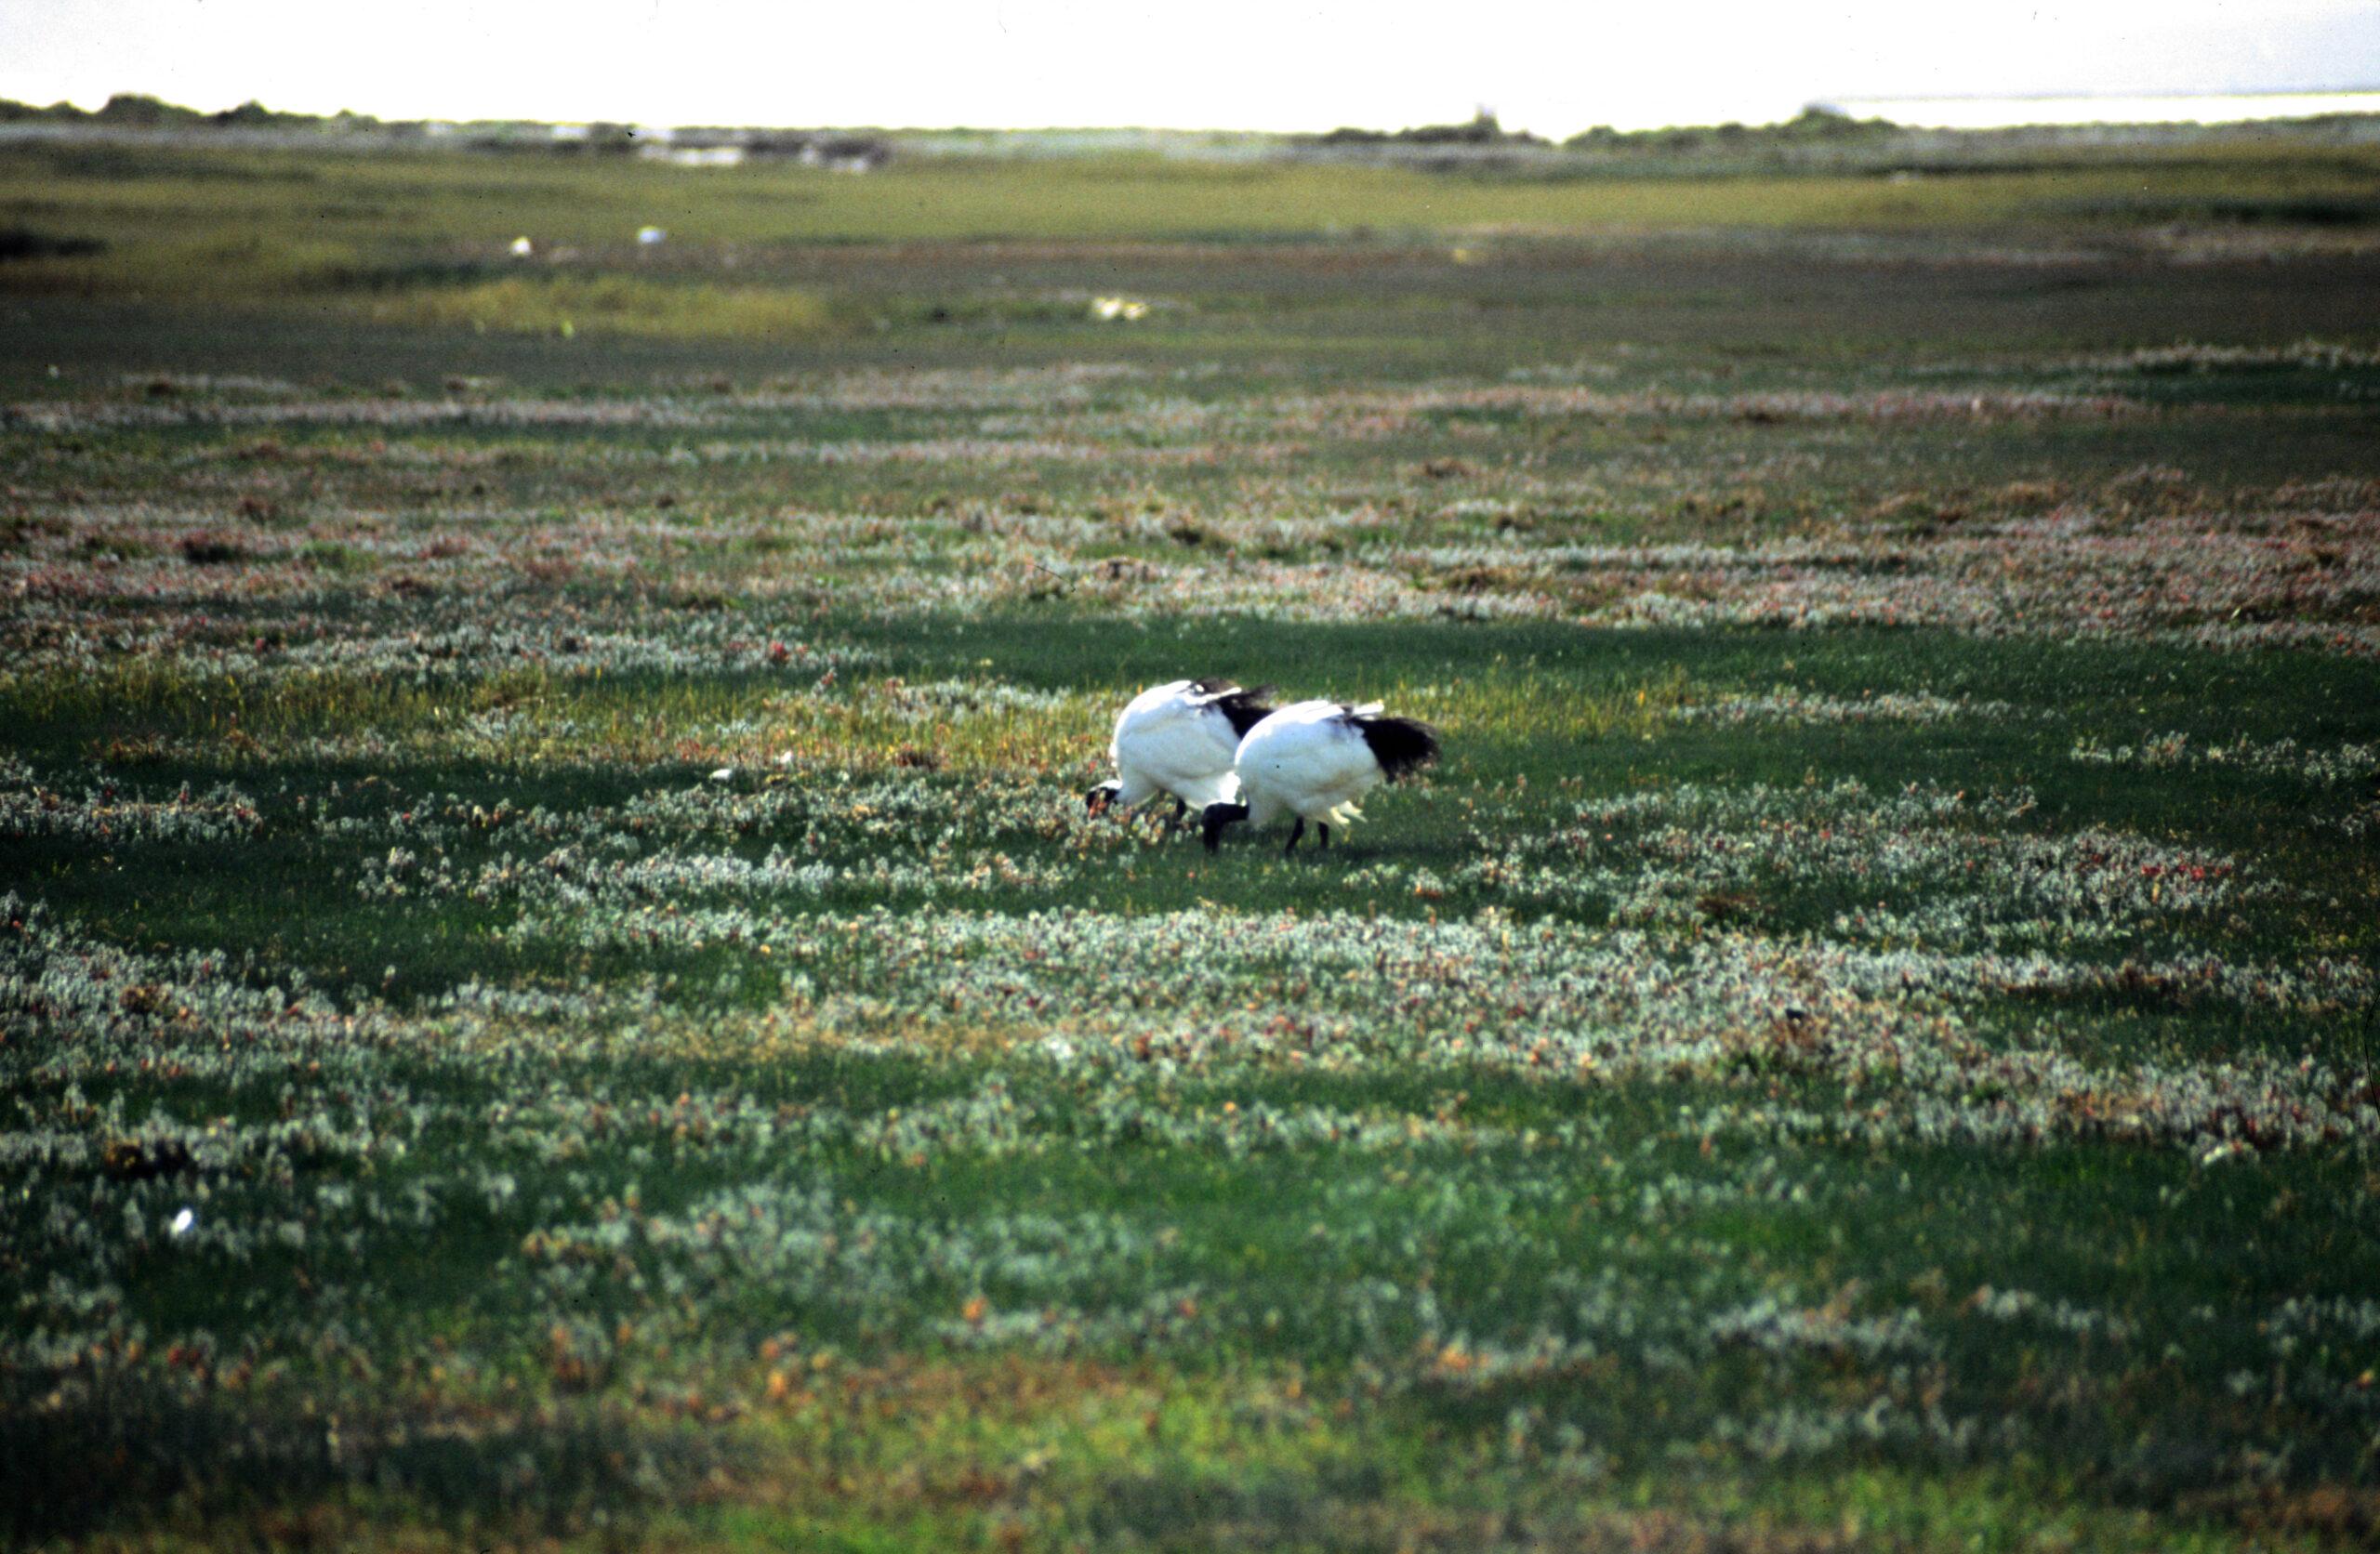 1997-07-ZA&NA-03-Northern Cape